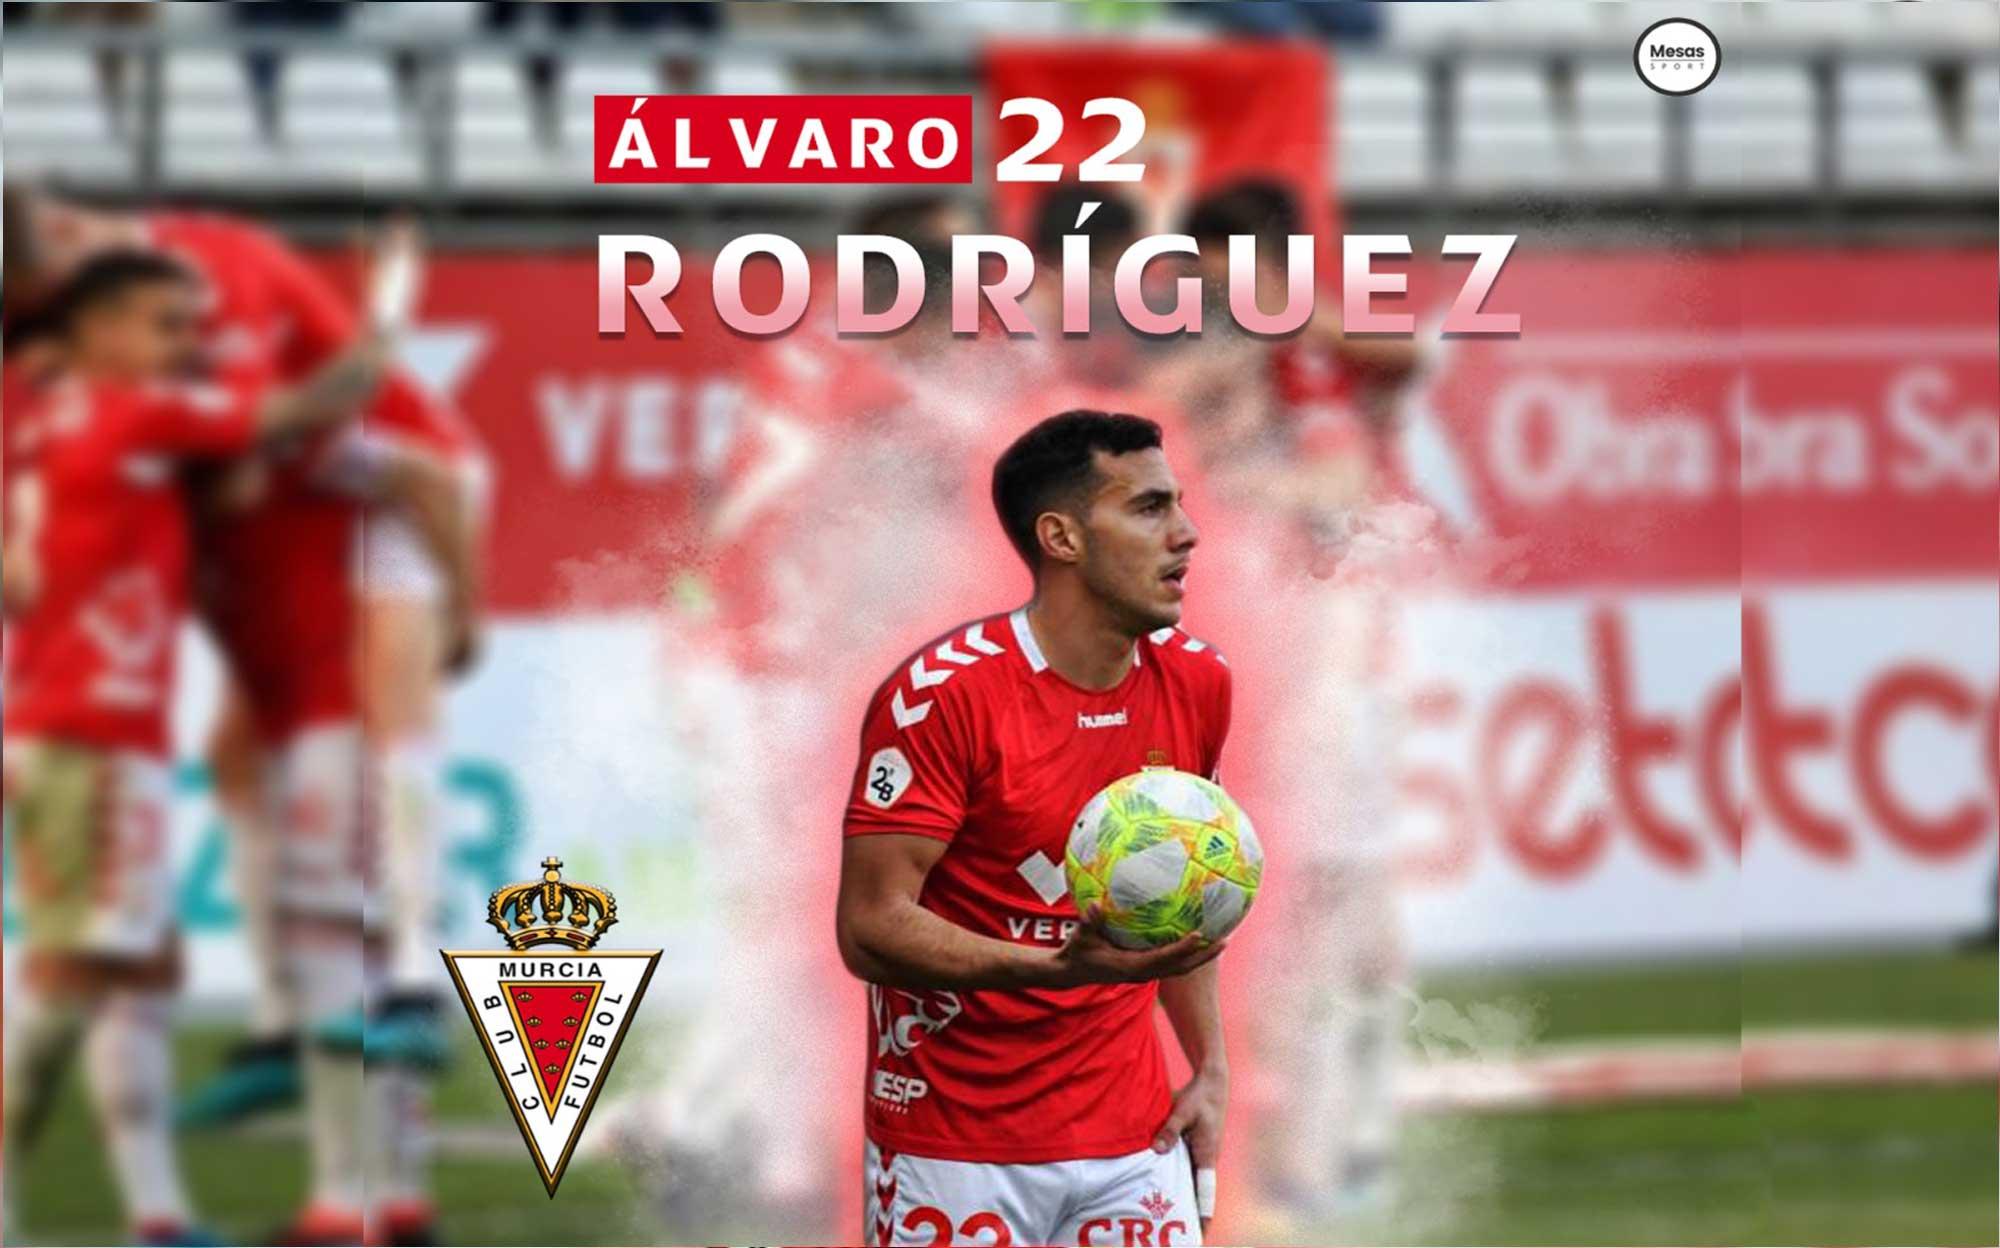 Imagen de Alvaro Rodriguez